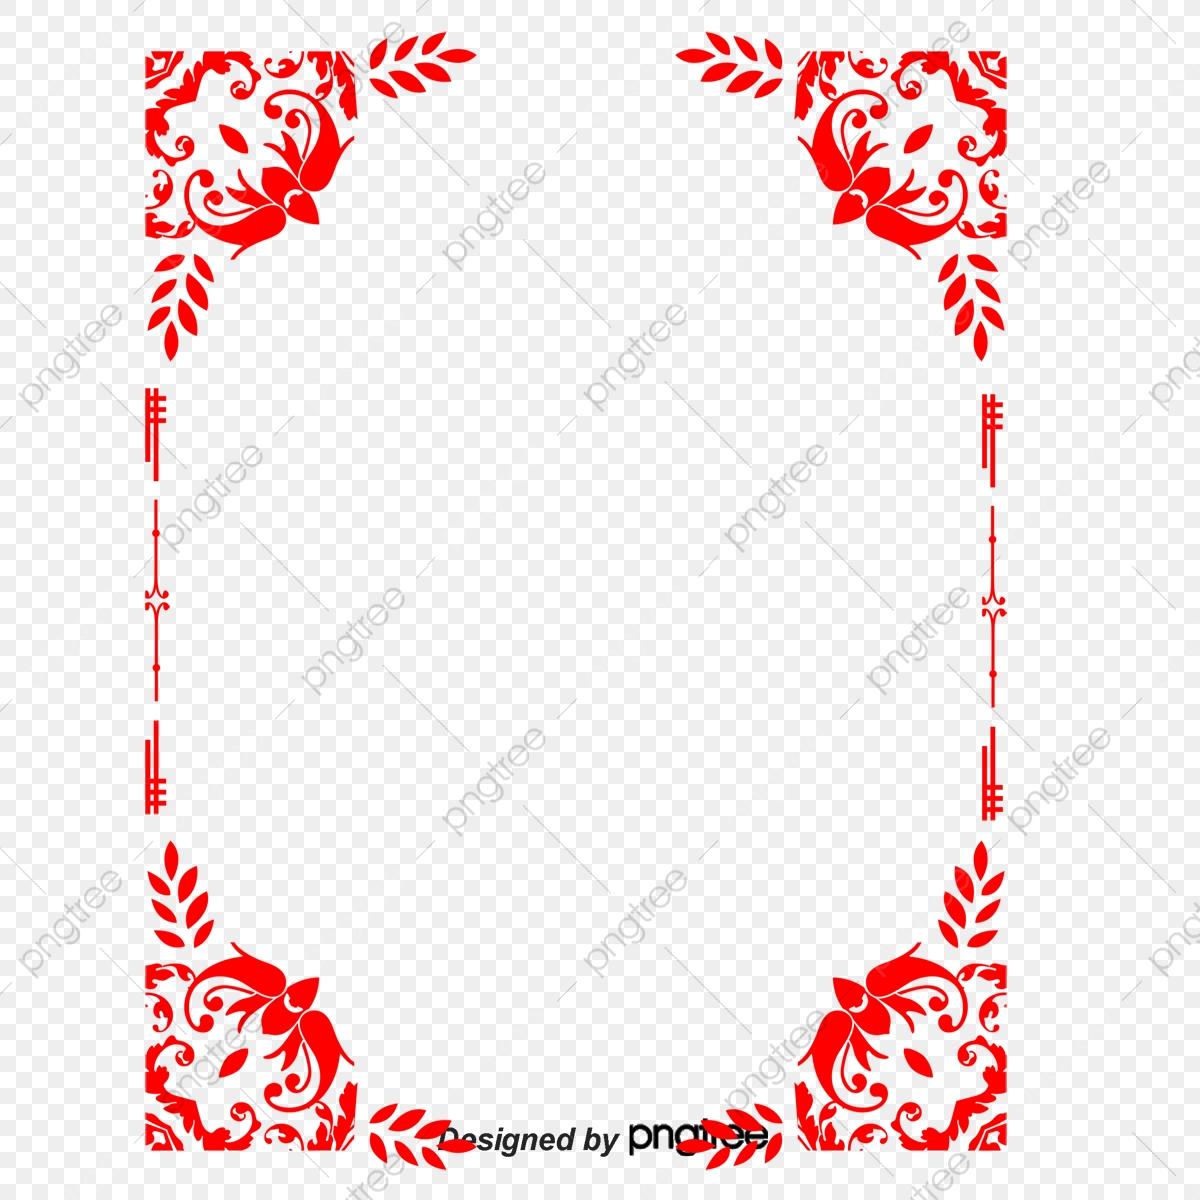 Feliz Ano Novo Contorno Vermelho Lanterna, Moldura Vermelha.